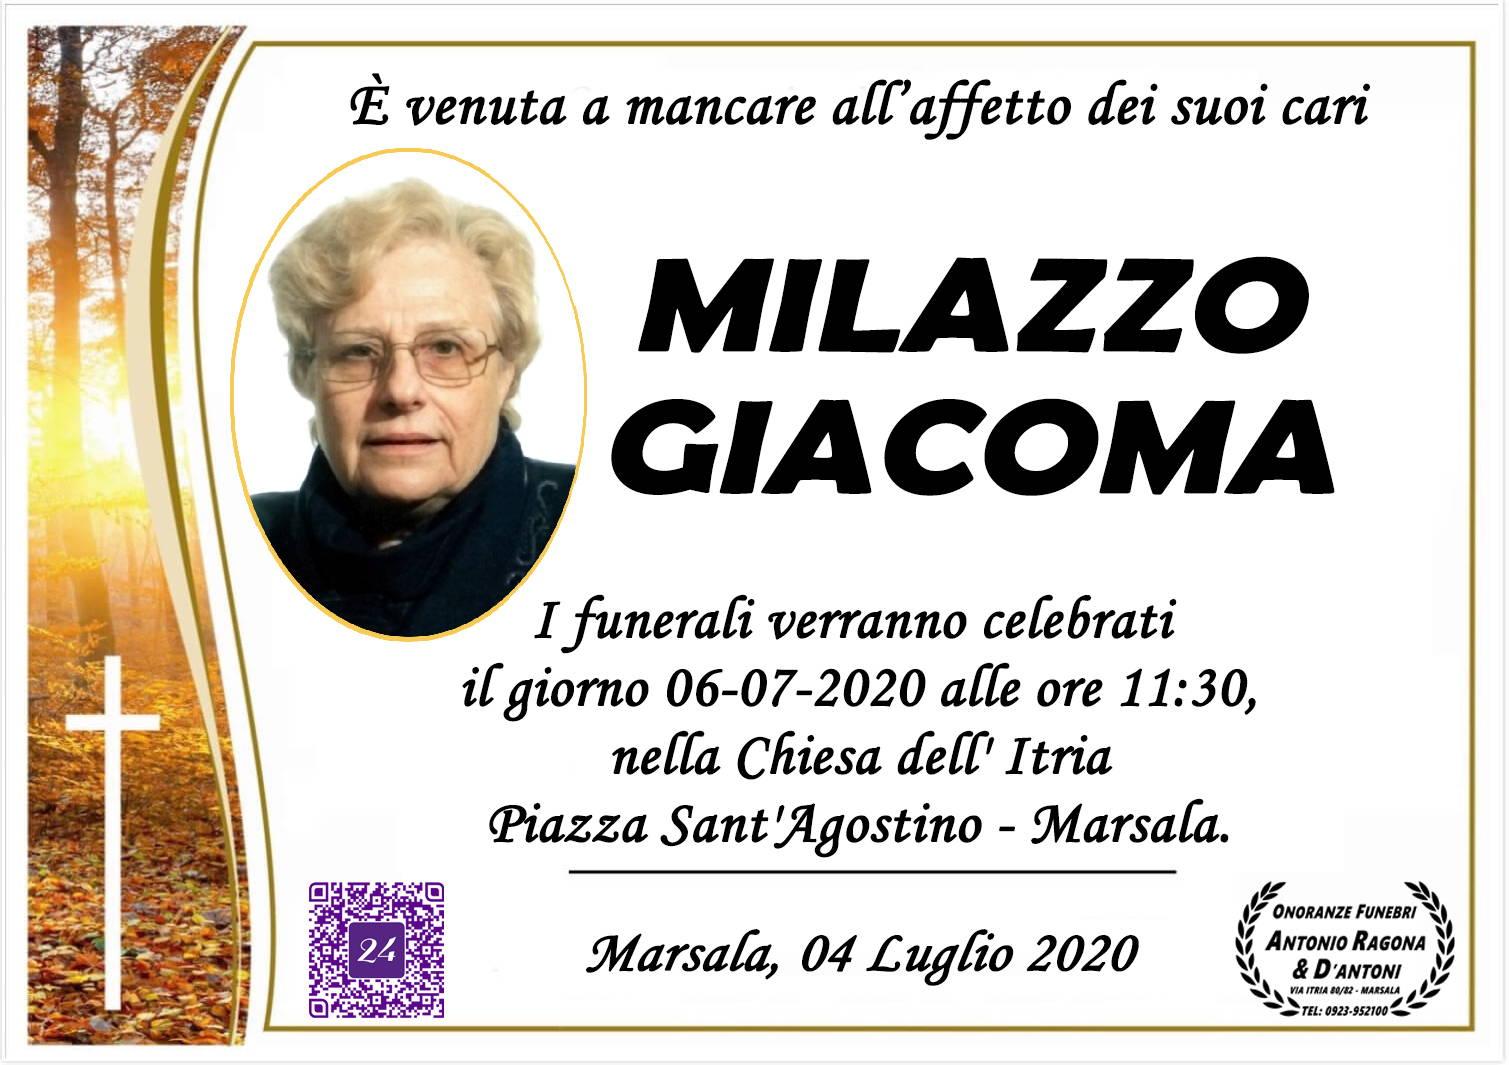 Giacoma Milazzo